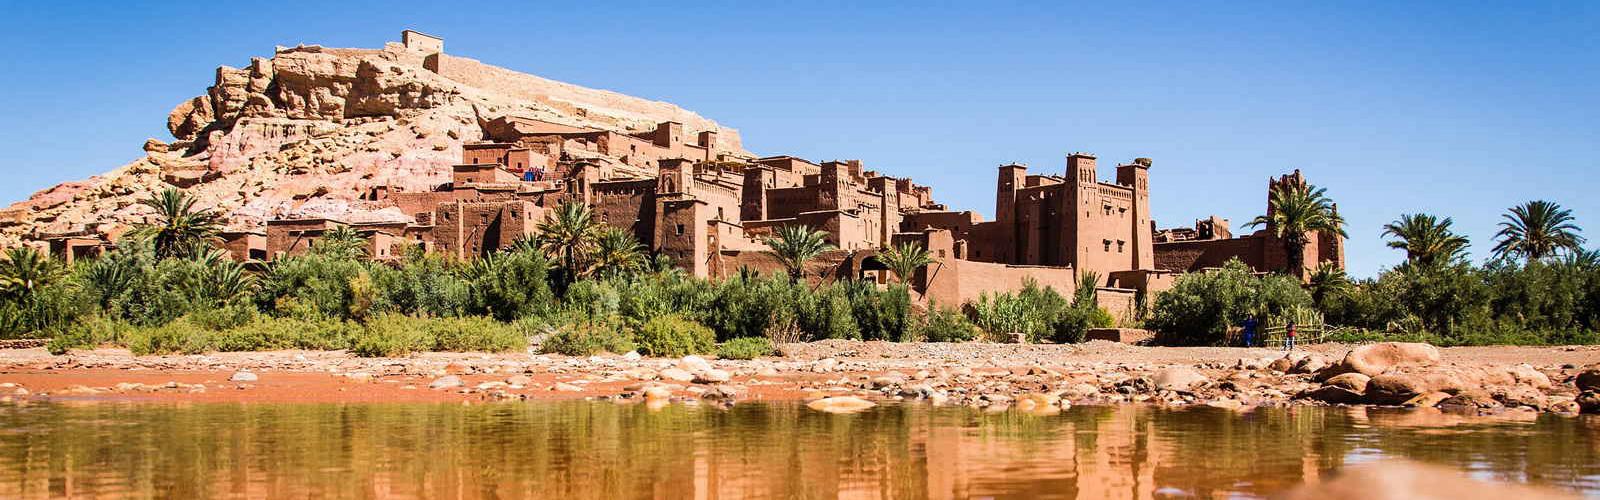 Tours de deserto excursão Marrocos